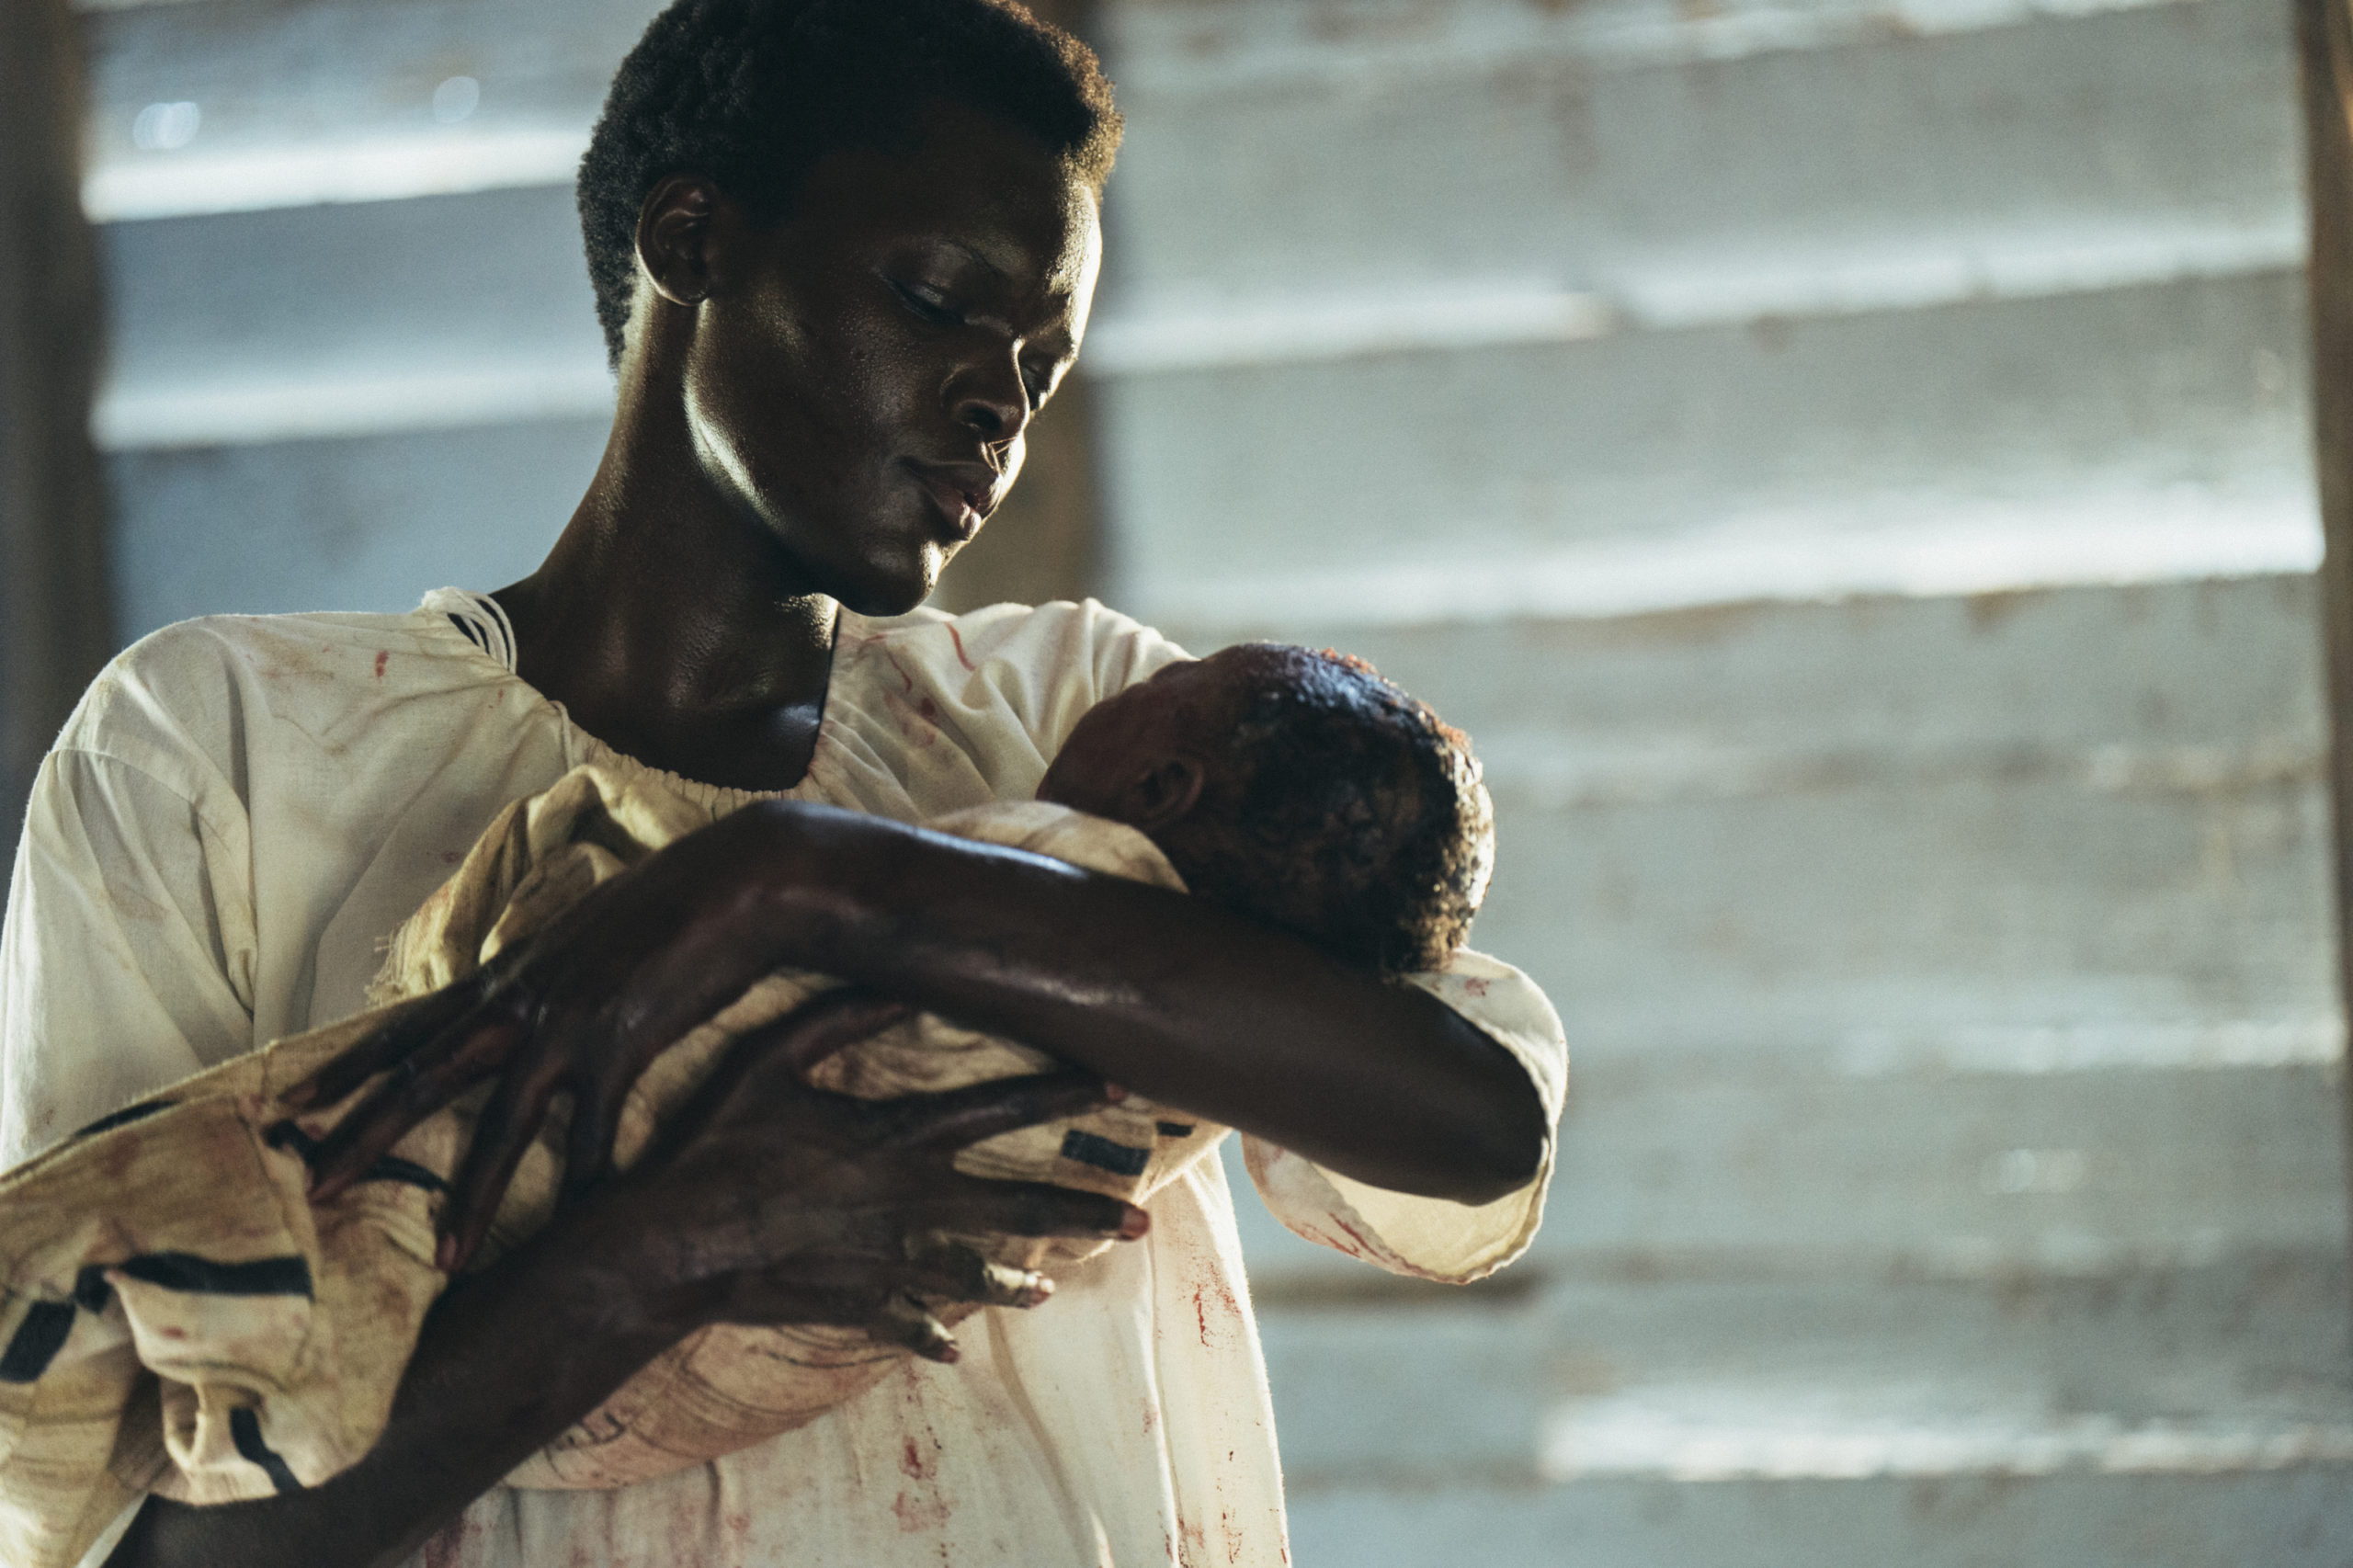 Cena da série The Underground Railroad. A cena mostra Mabel, uma mulher negra retinta adulta, vestido uma camisola branca, segurando um bebê negro no colo.